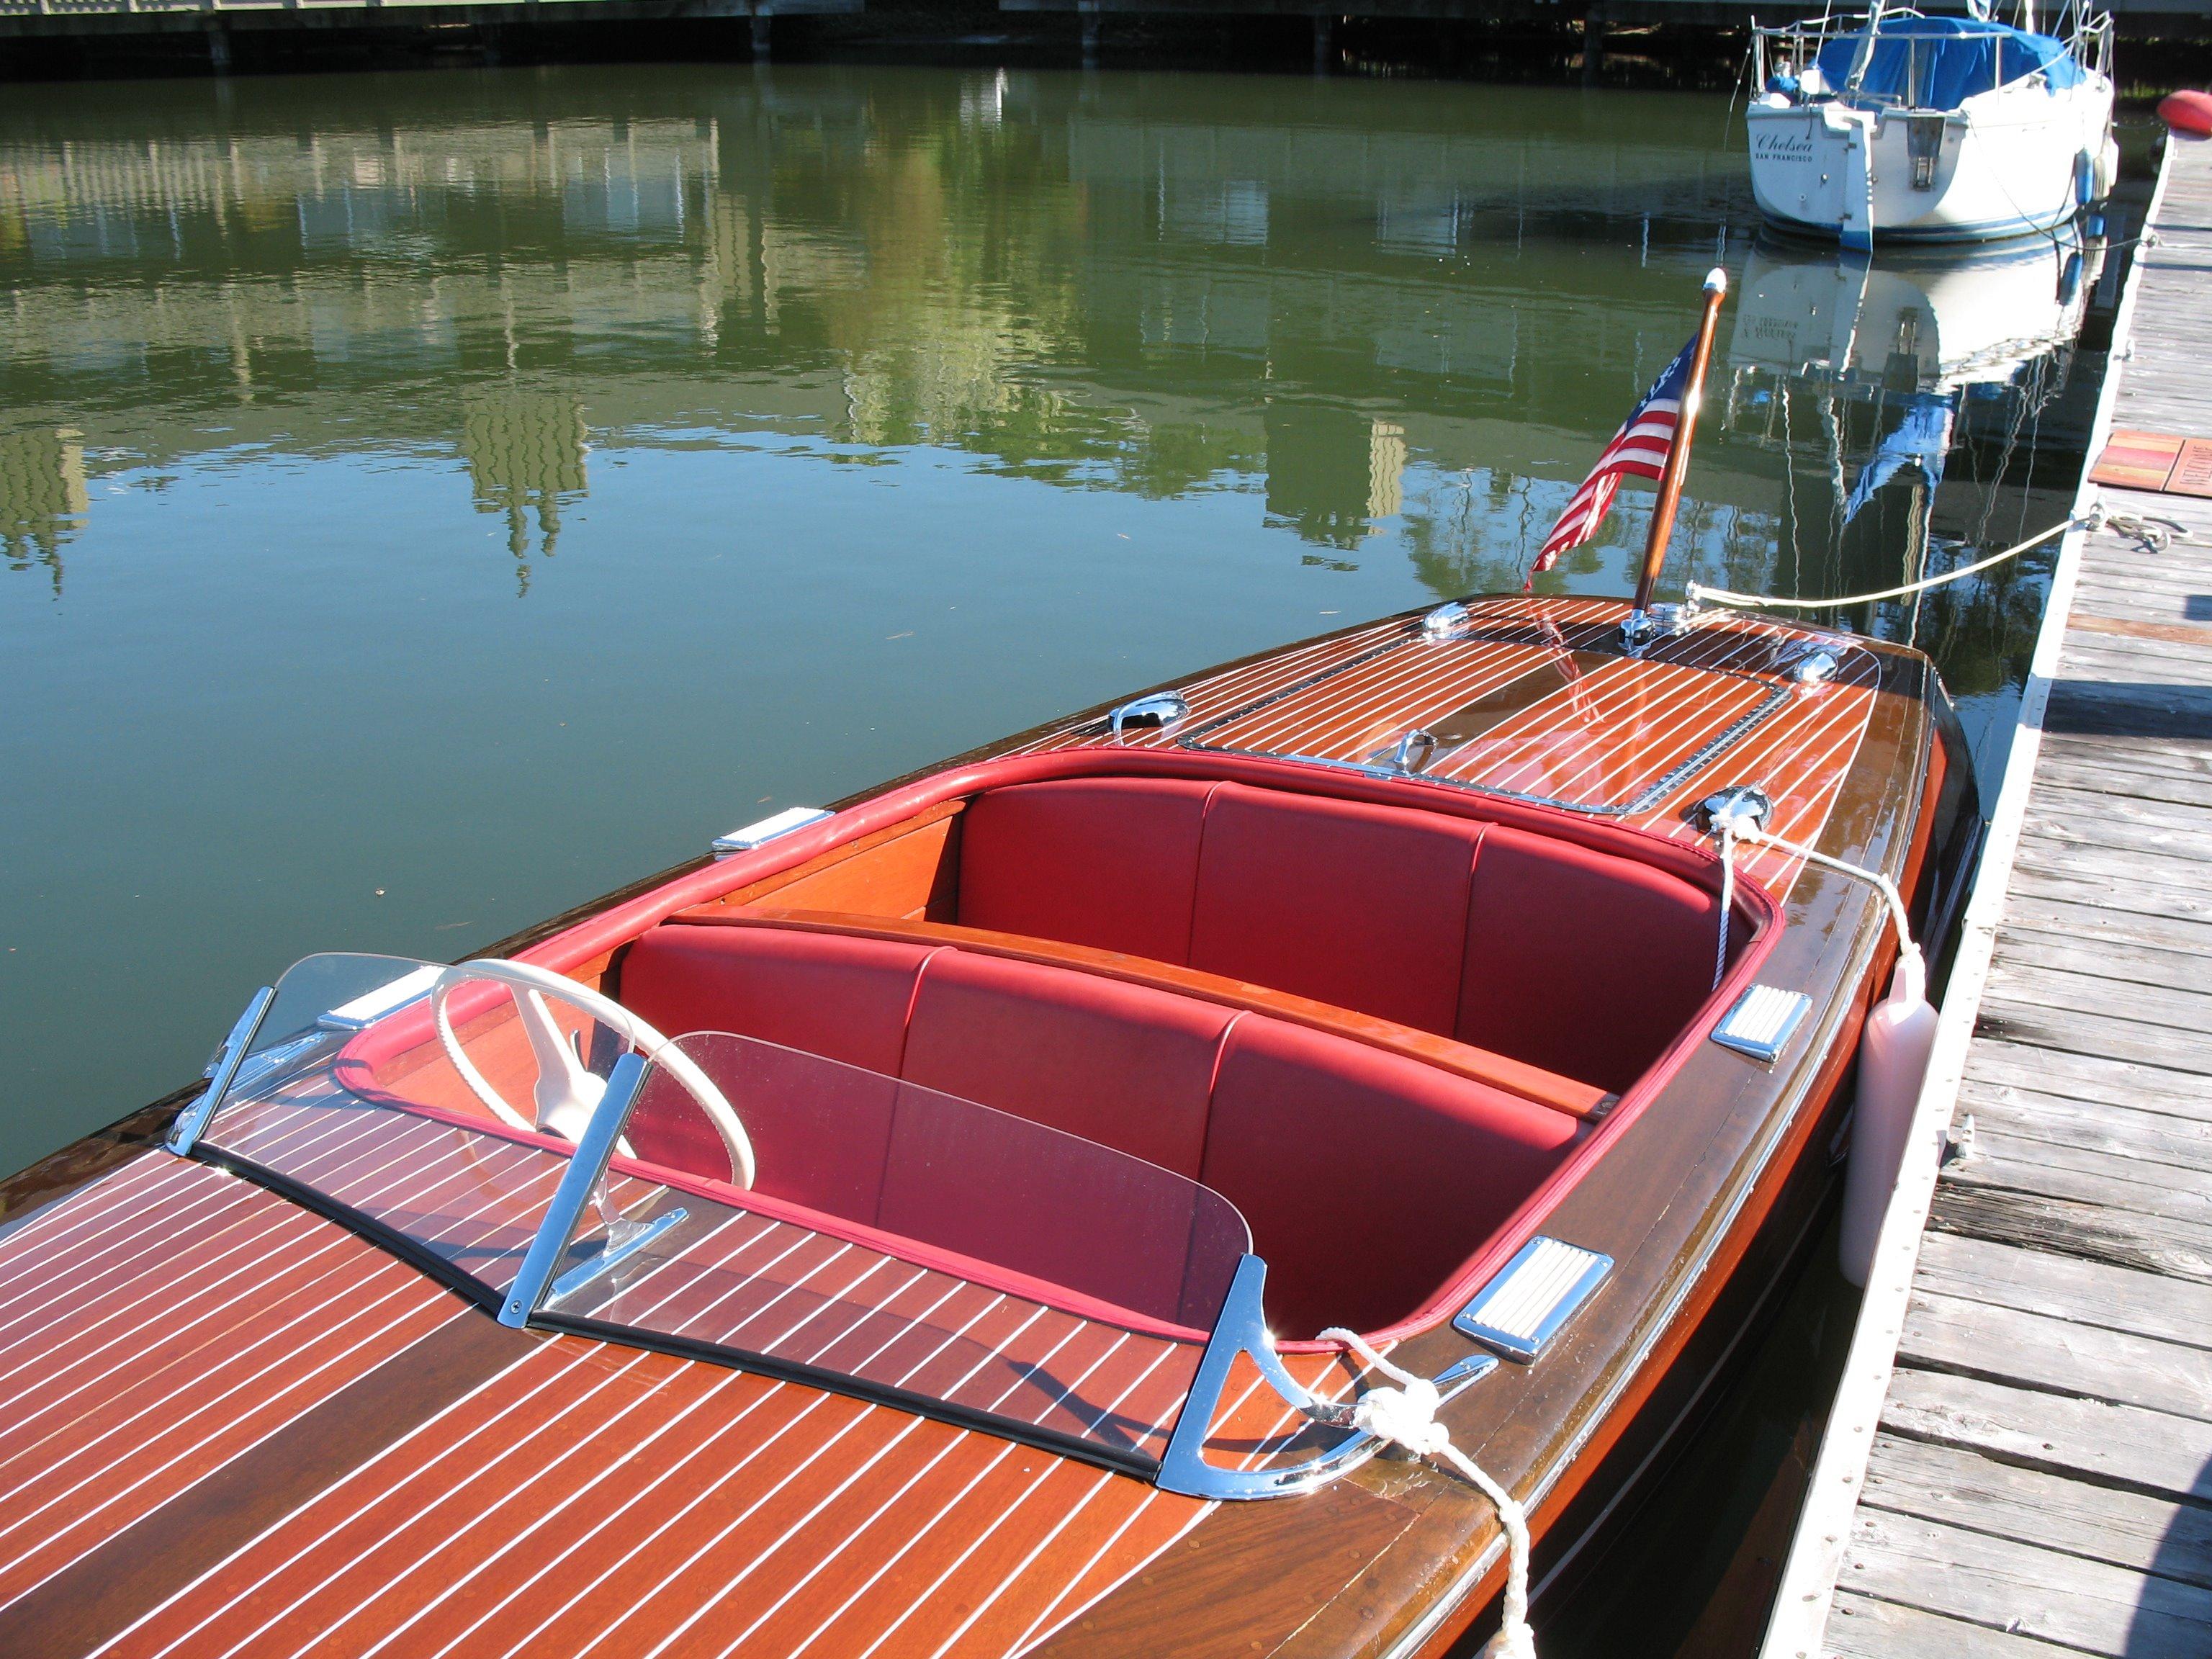 Chris Craft Deck Boat Wiring Diagram Wiring Diagram News \u2022 Chris Craft  350 Wiring Diagram Chris Craft Wiring Diagram